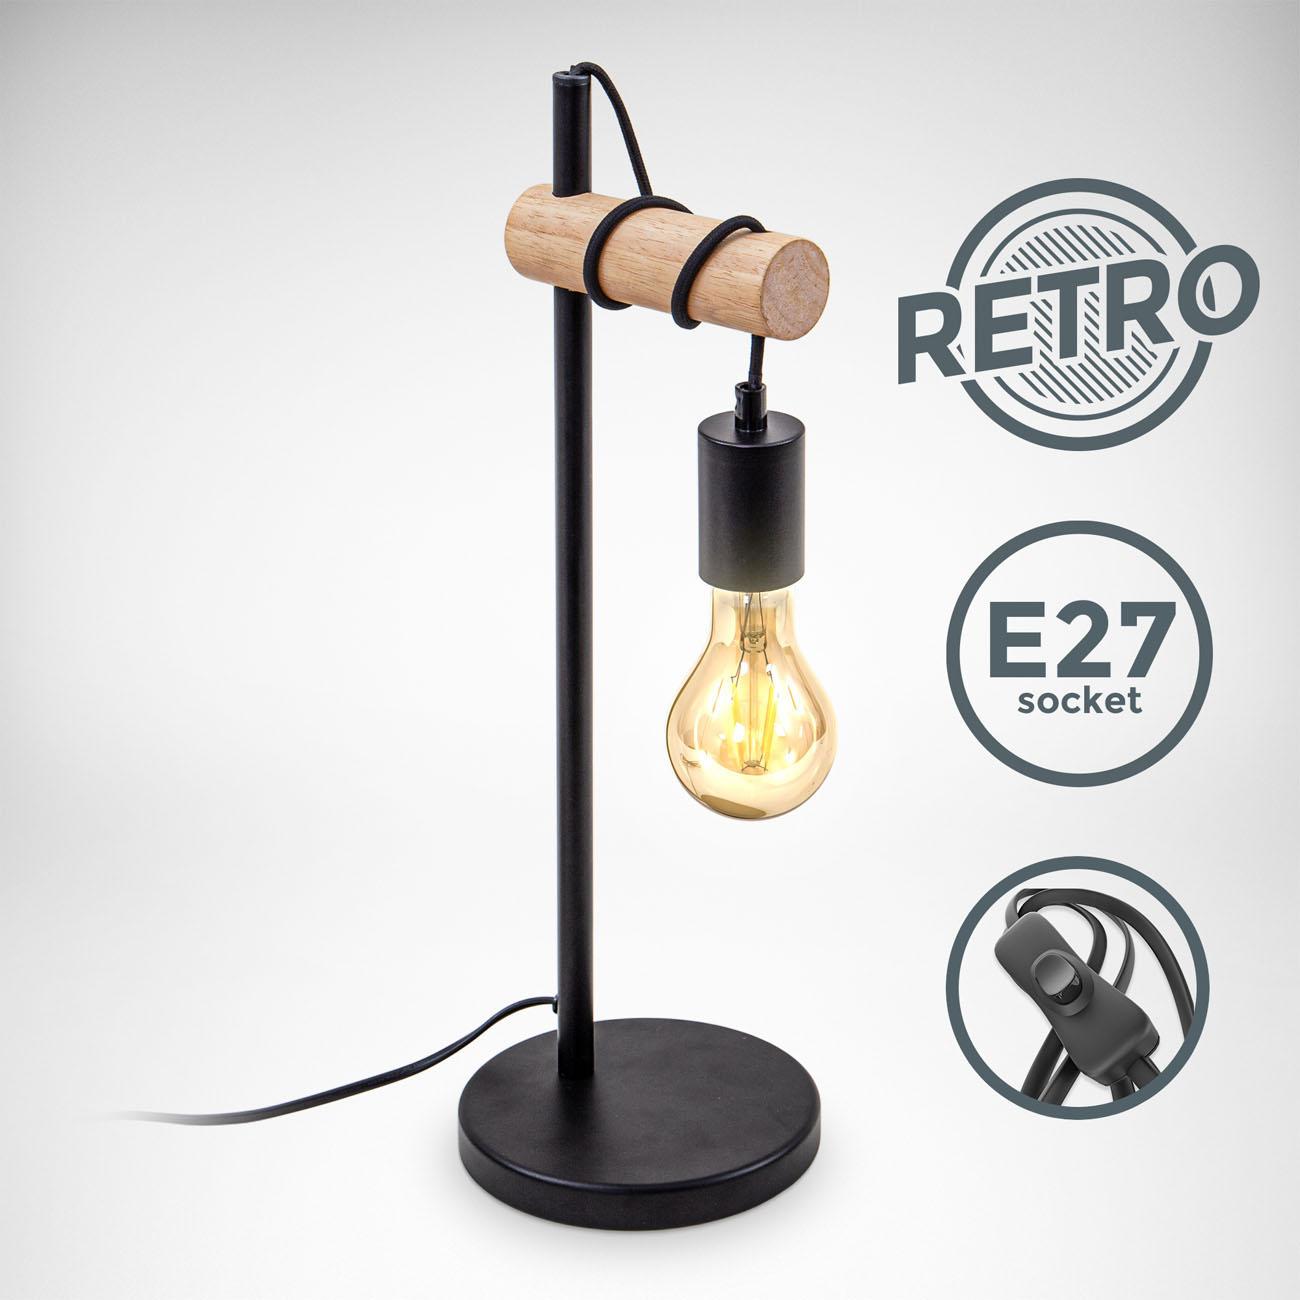 Retro Tischleuchte Metall-Holz-Optik schwarz E27 - 3